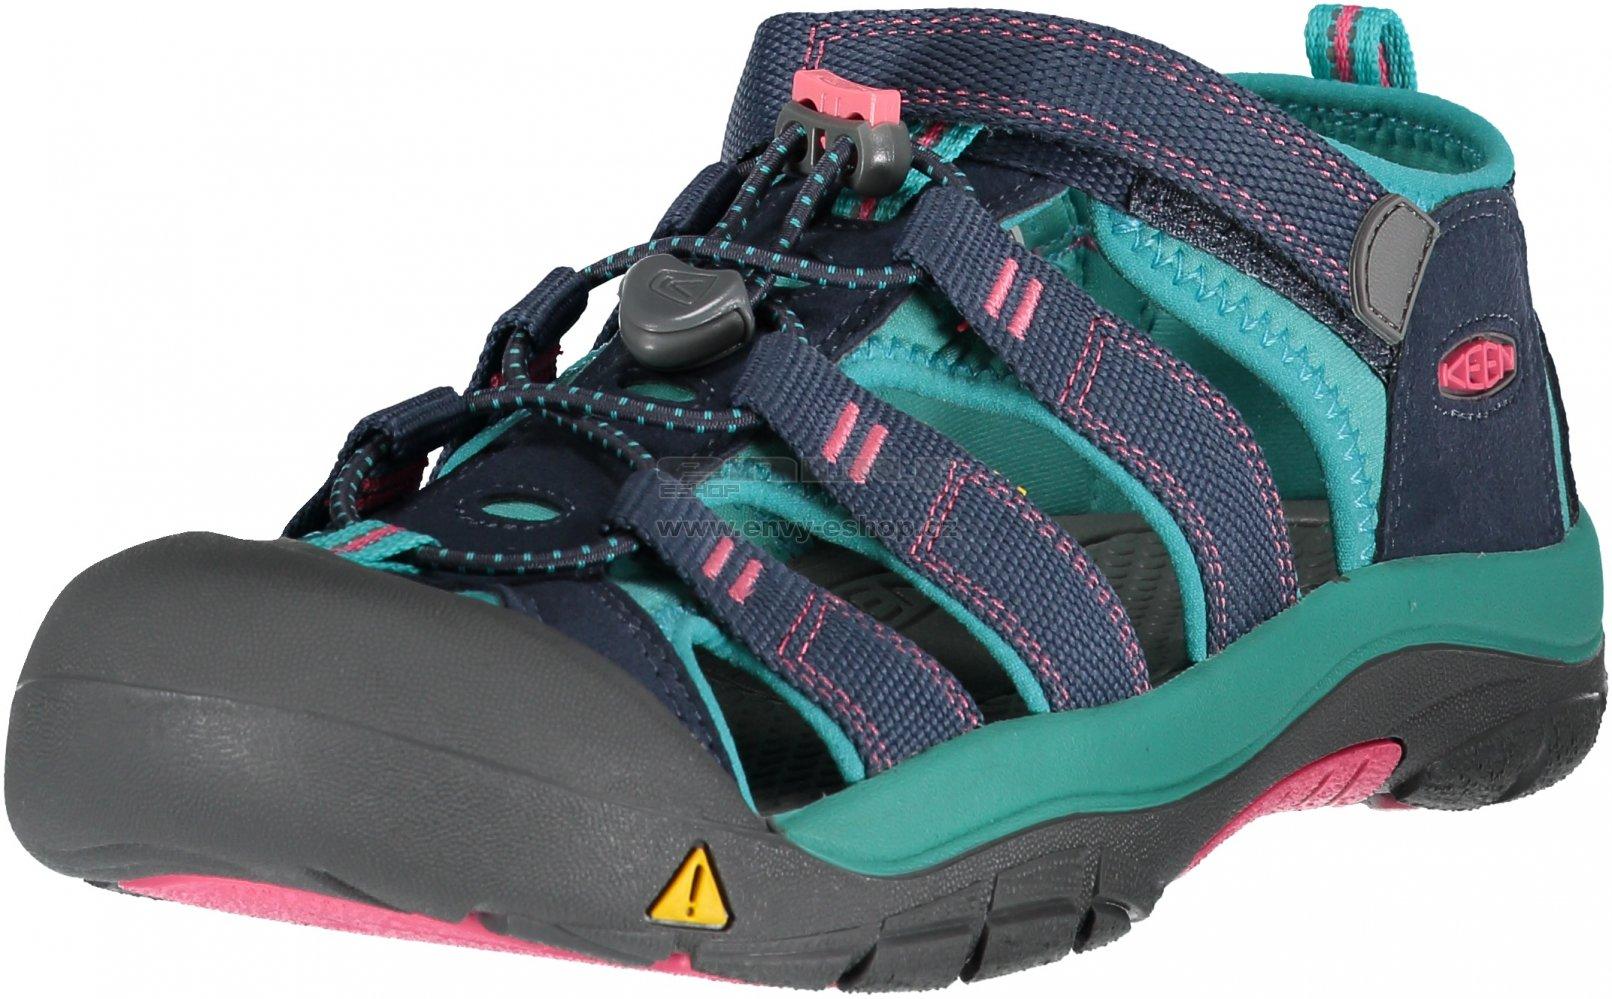 649f76c6fb57 Dětské sandále KEEN NEWPORT H2 JR MIDNIGHT NAVY BALTIC velikost  EU ...